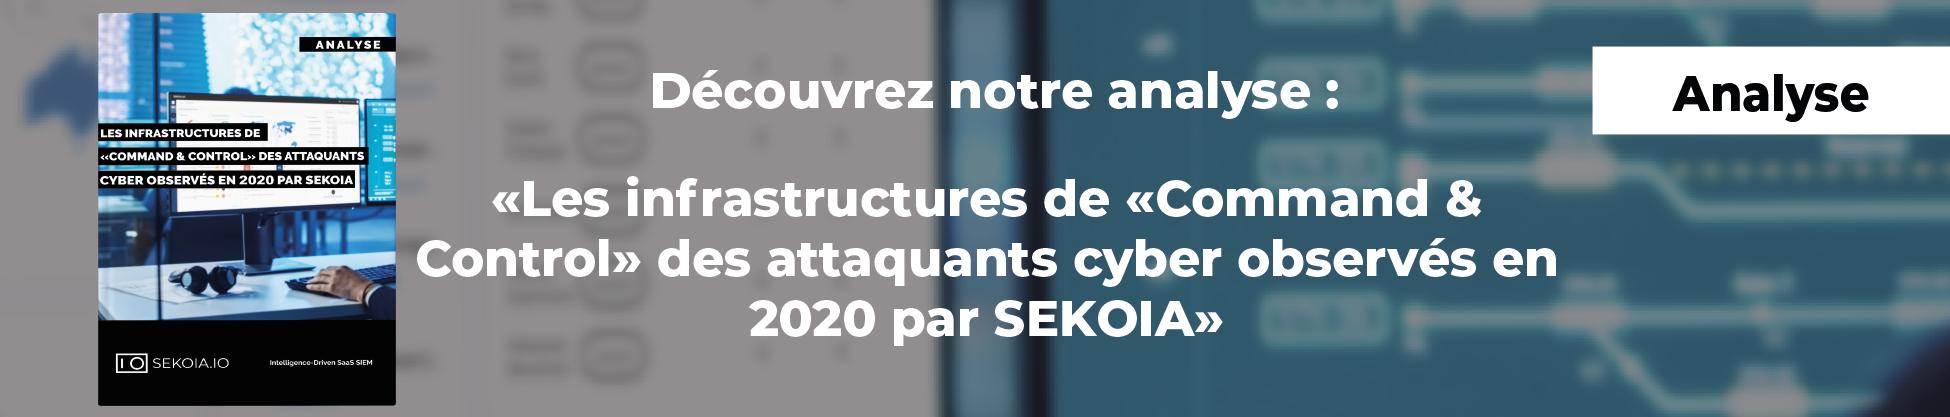 Analyse_Les infrastructures de la menace Command & Control